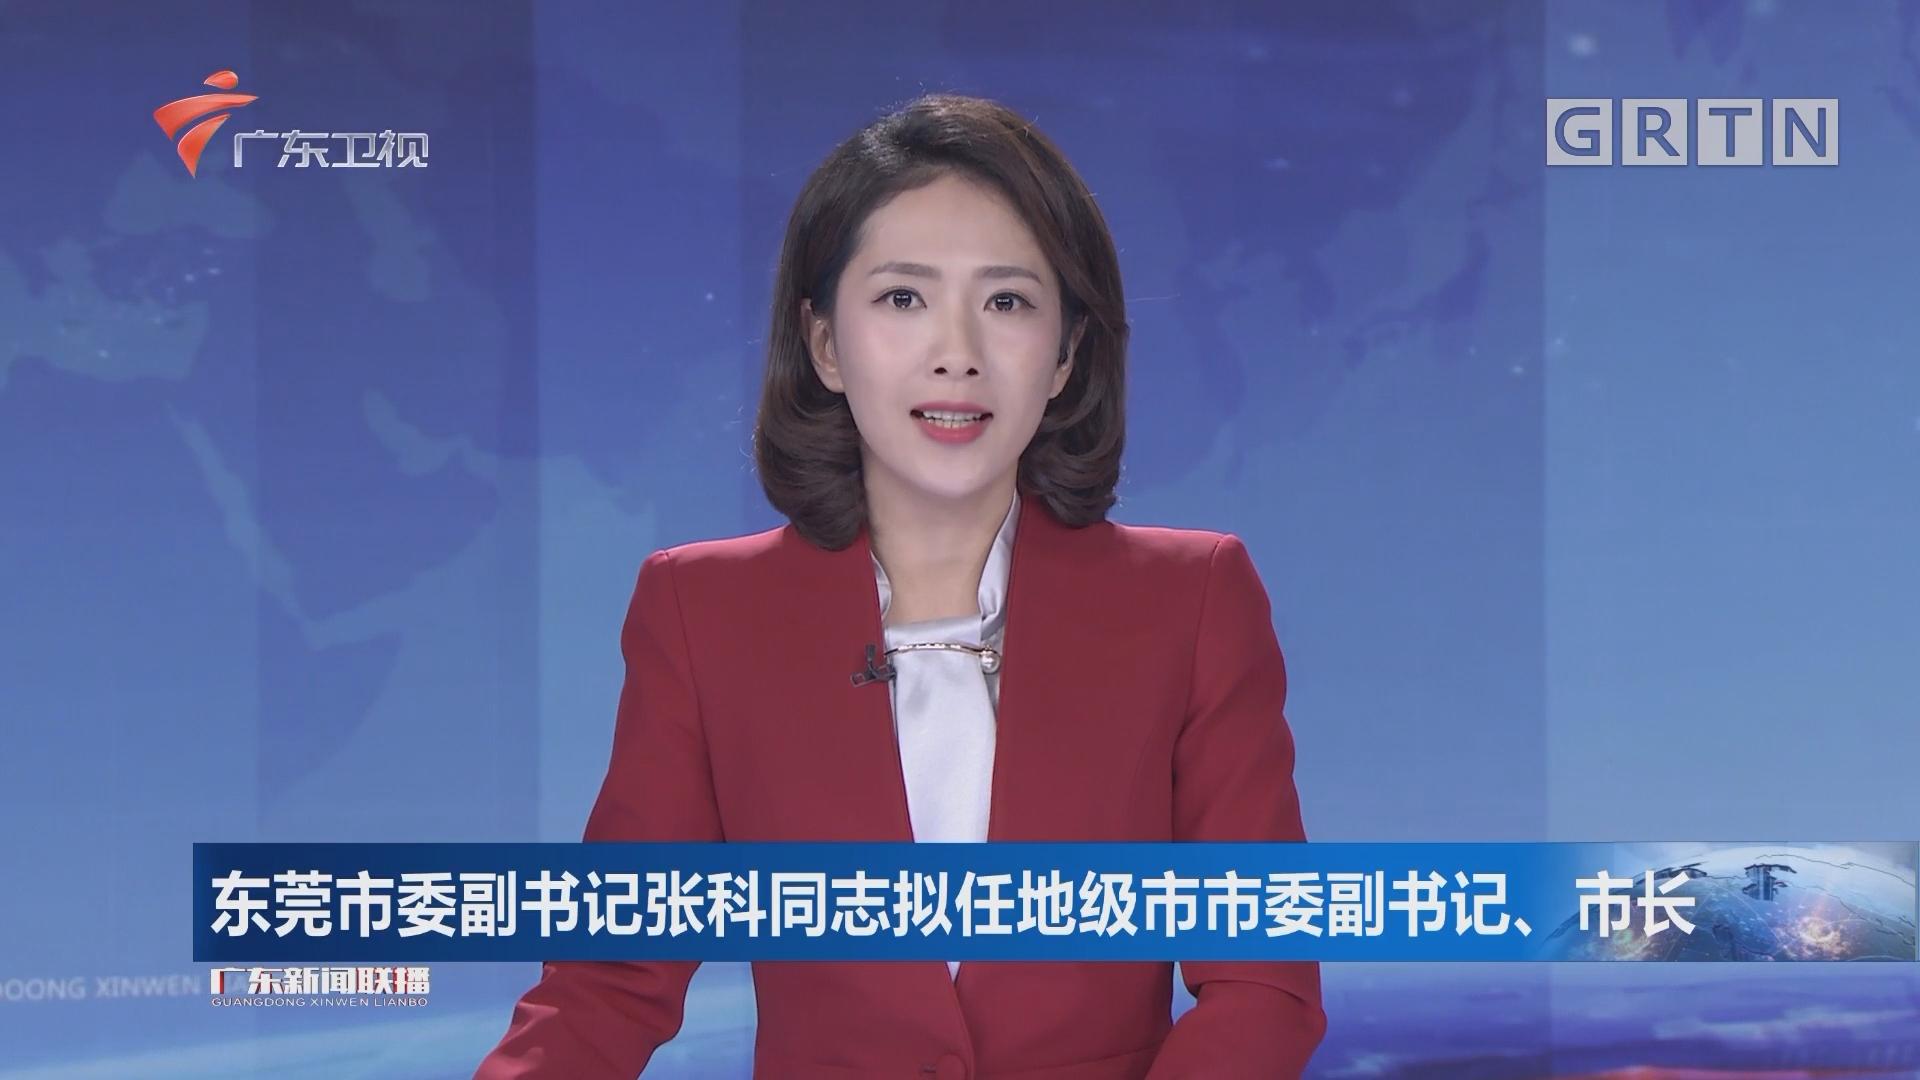 东莞市委副书记张科同志拟任地级市市委副书记、市长